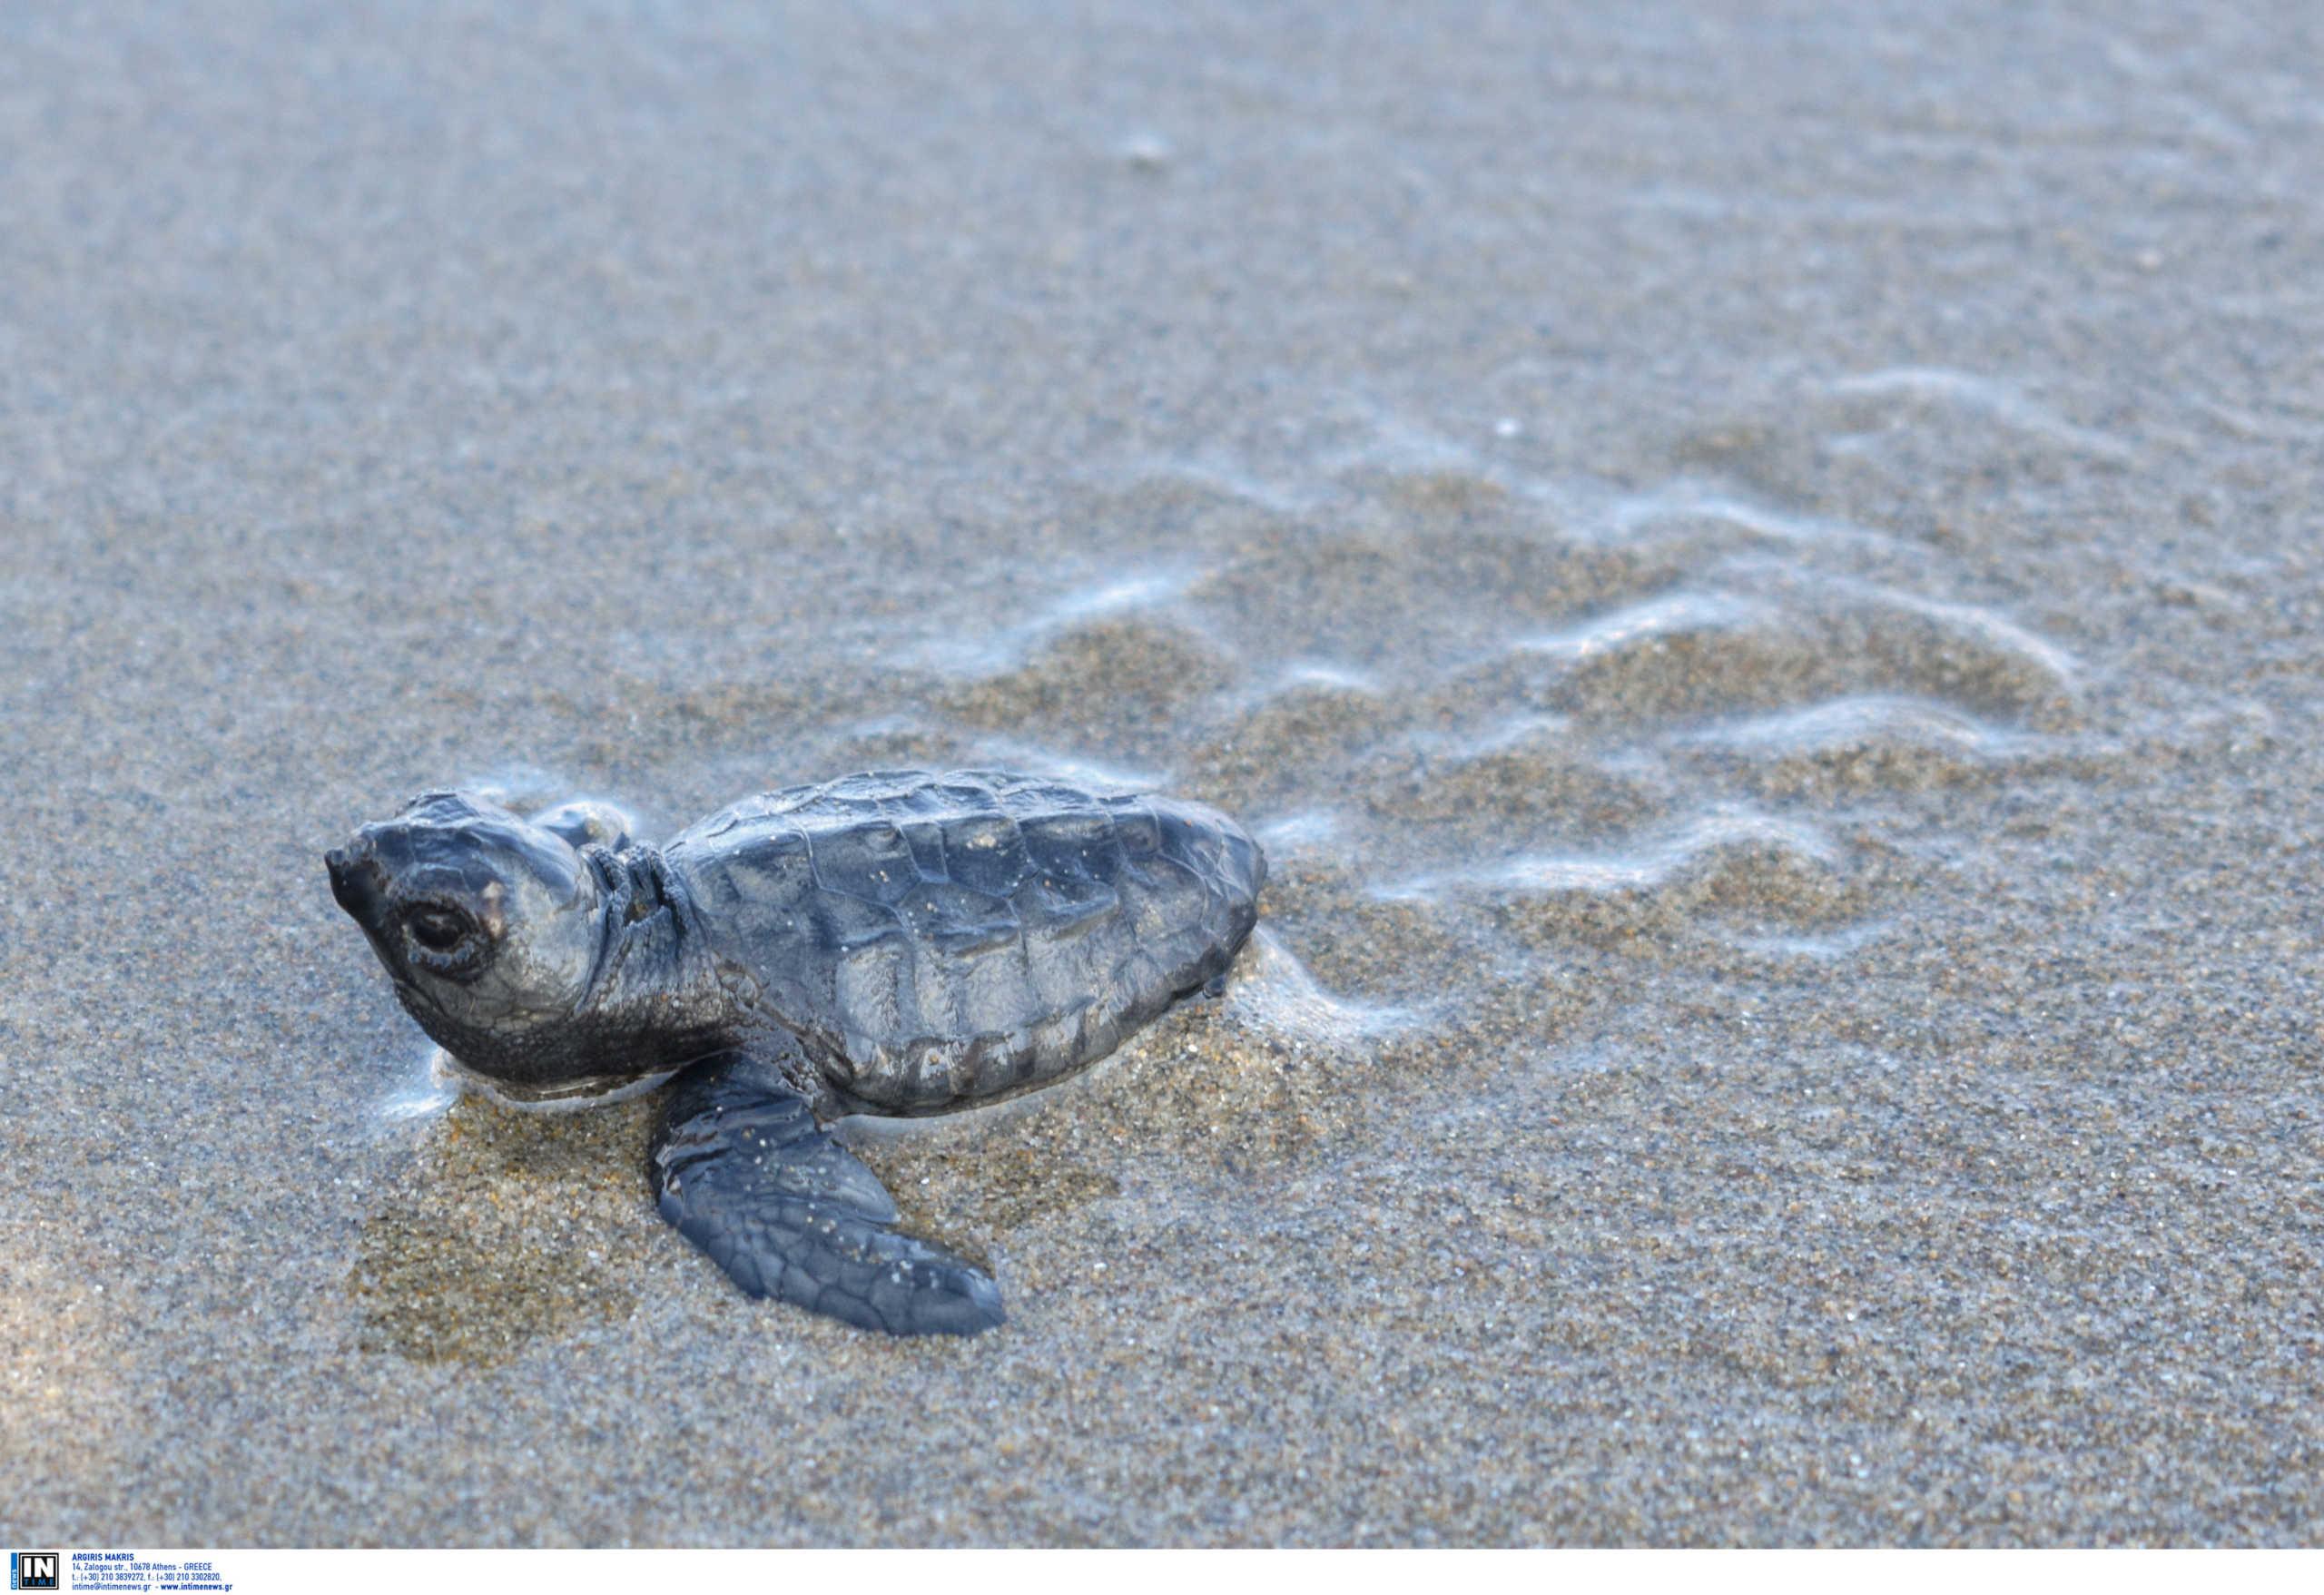 Θεσσαλονίκη νεκρή χελώνα